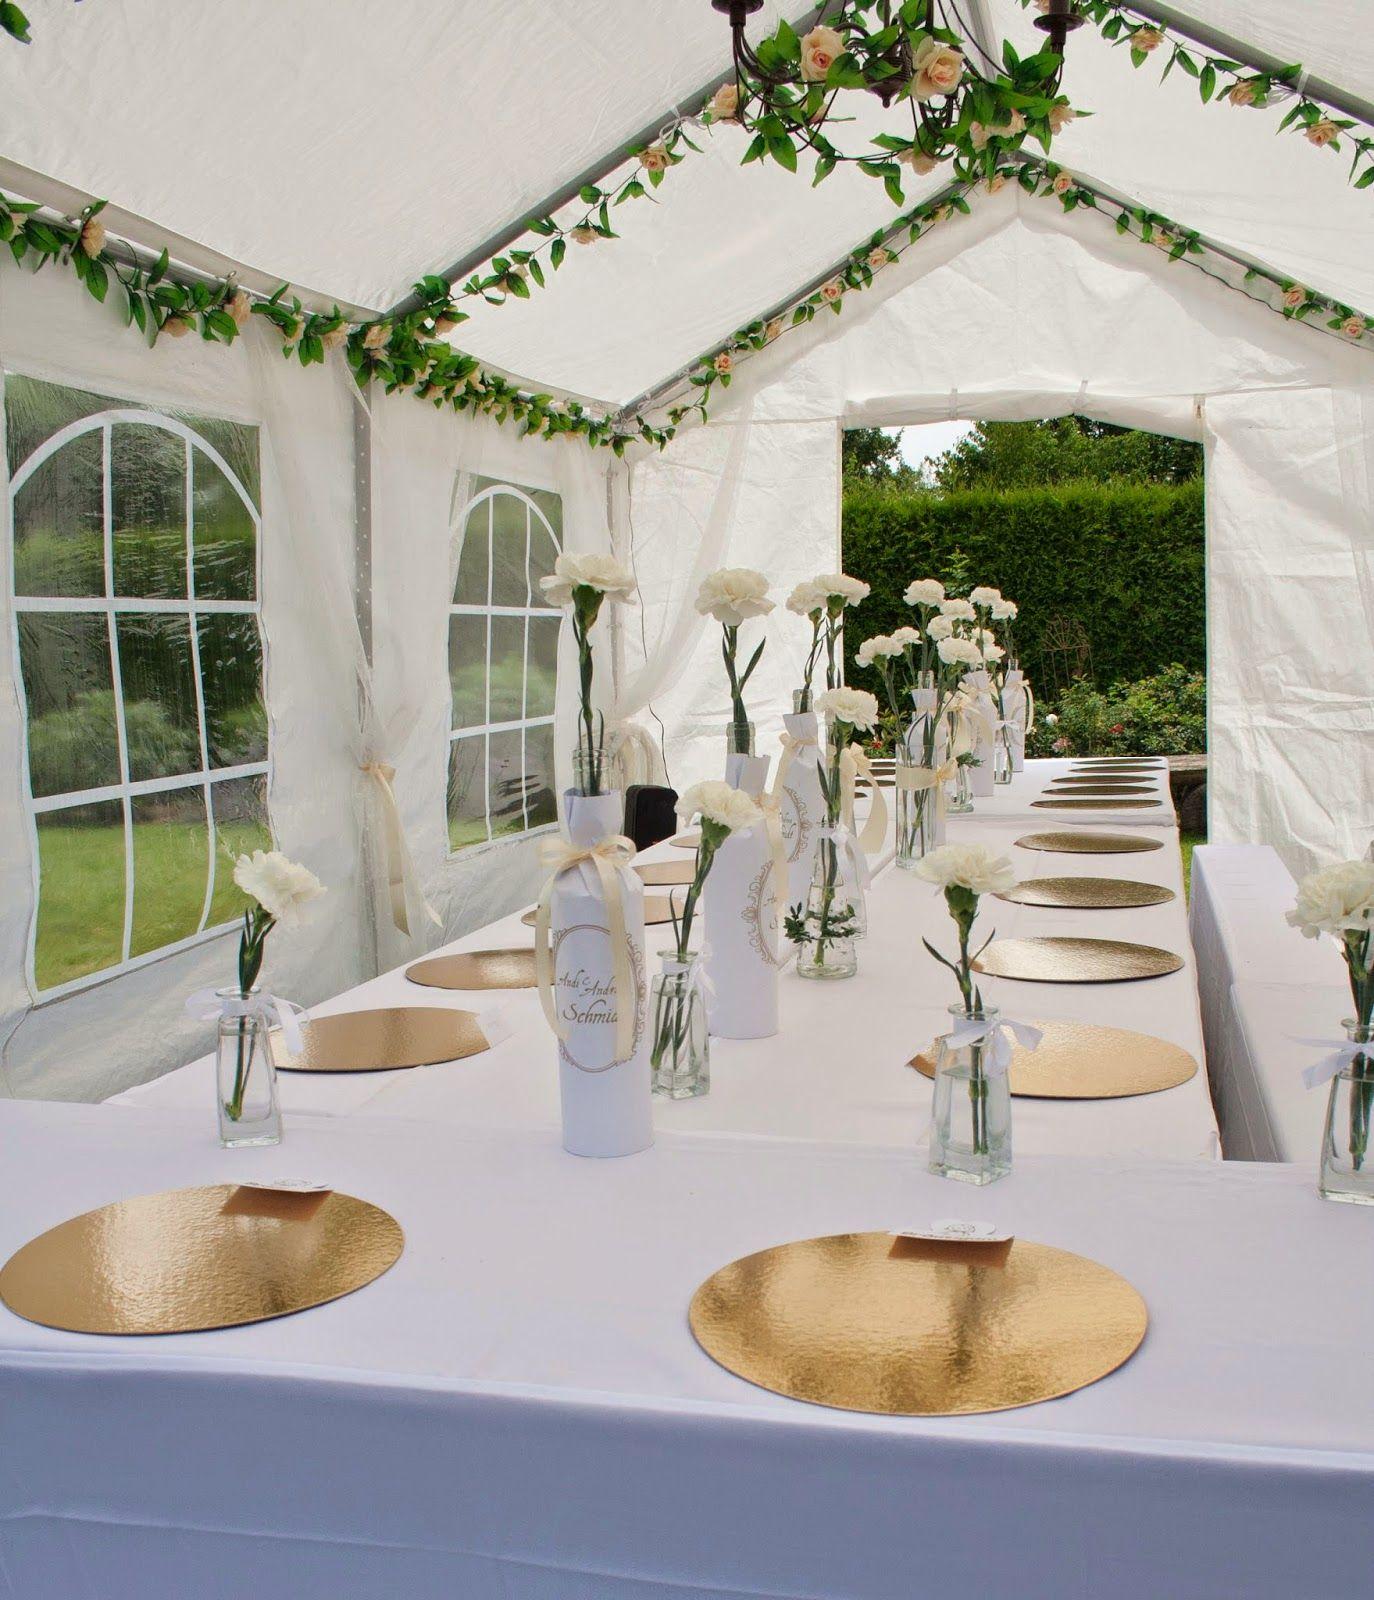 Unsere Hochzeitsdeko Pavillon Hochzeit Hochzeitsdeko Hochzeitsfeier Garten